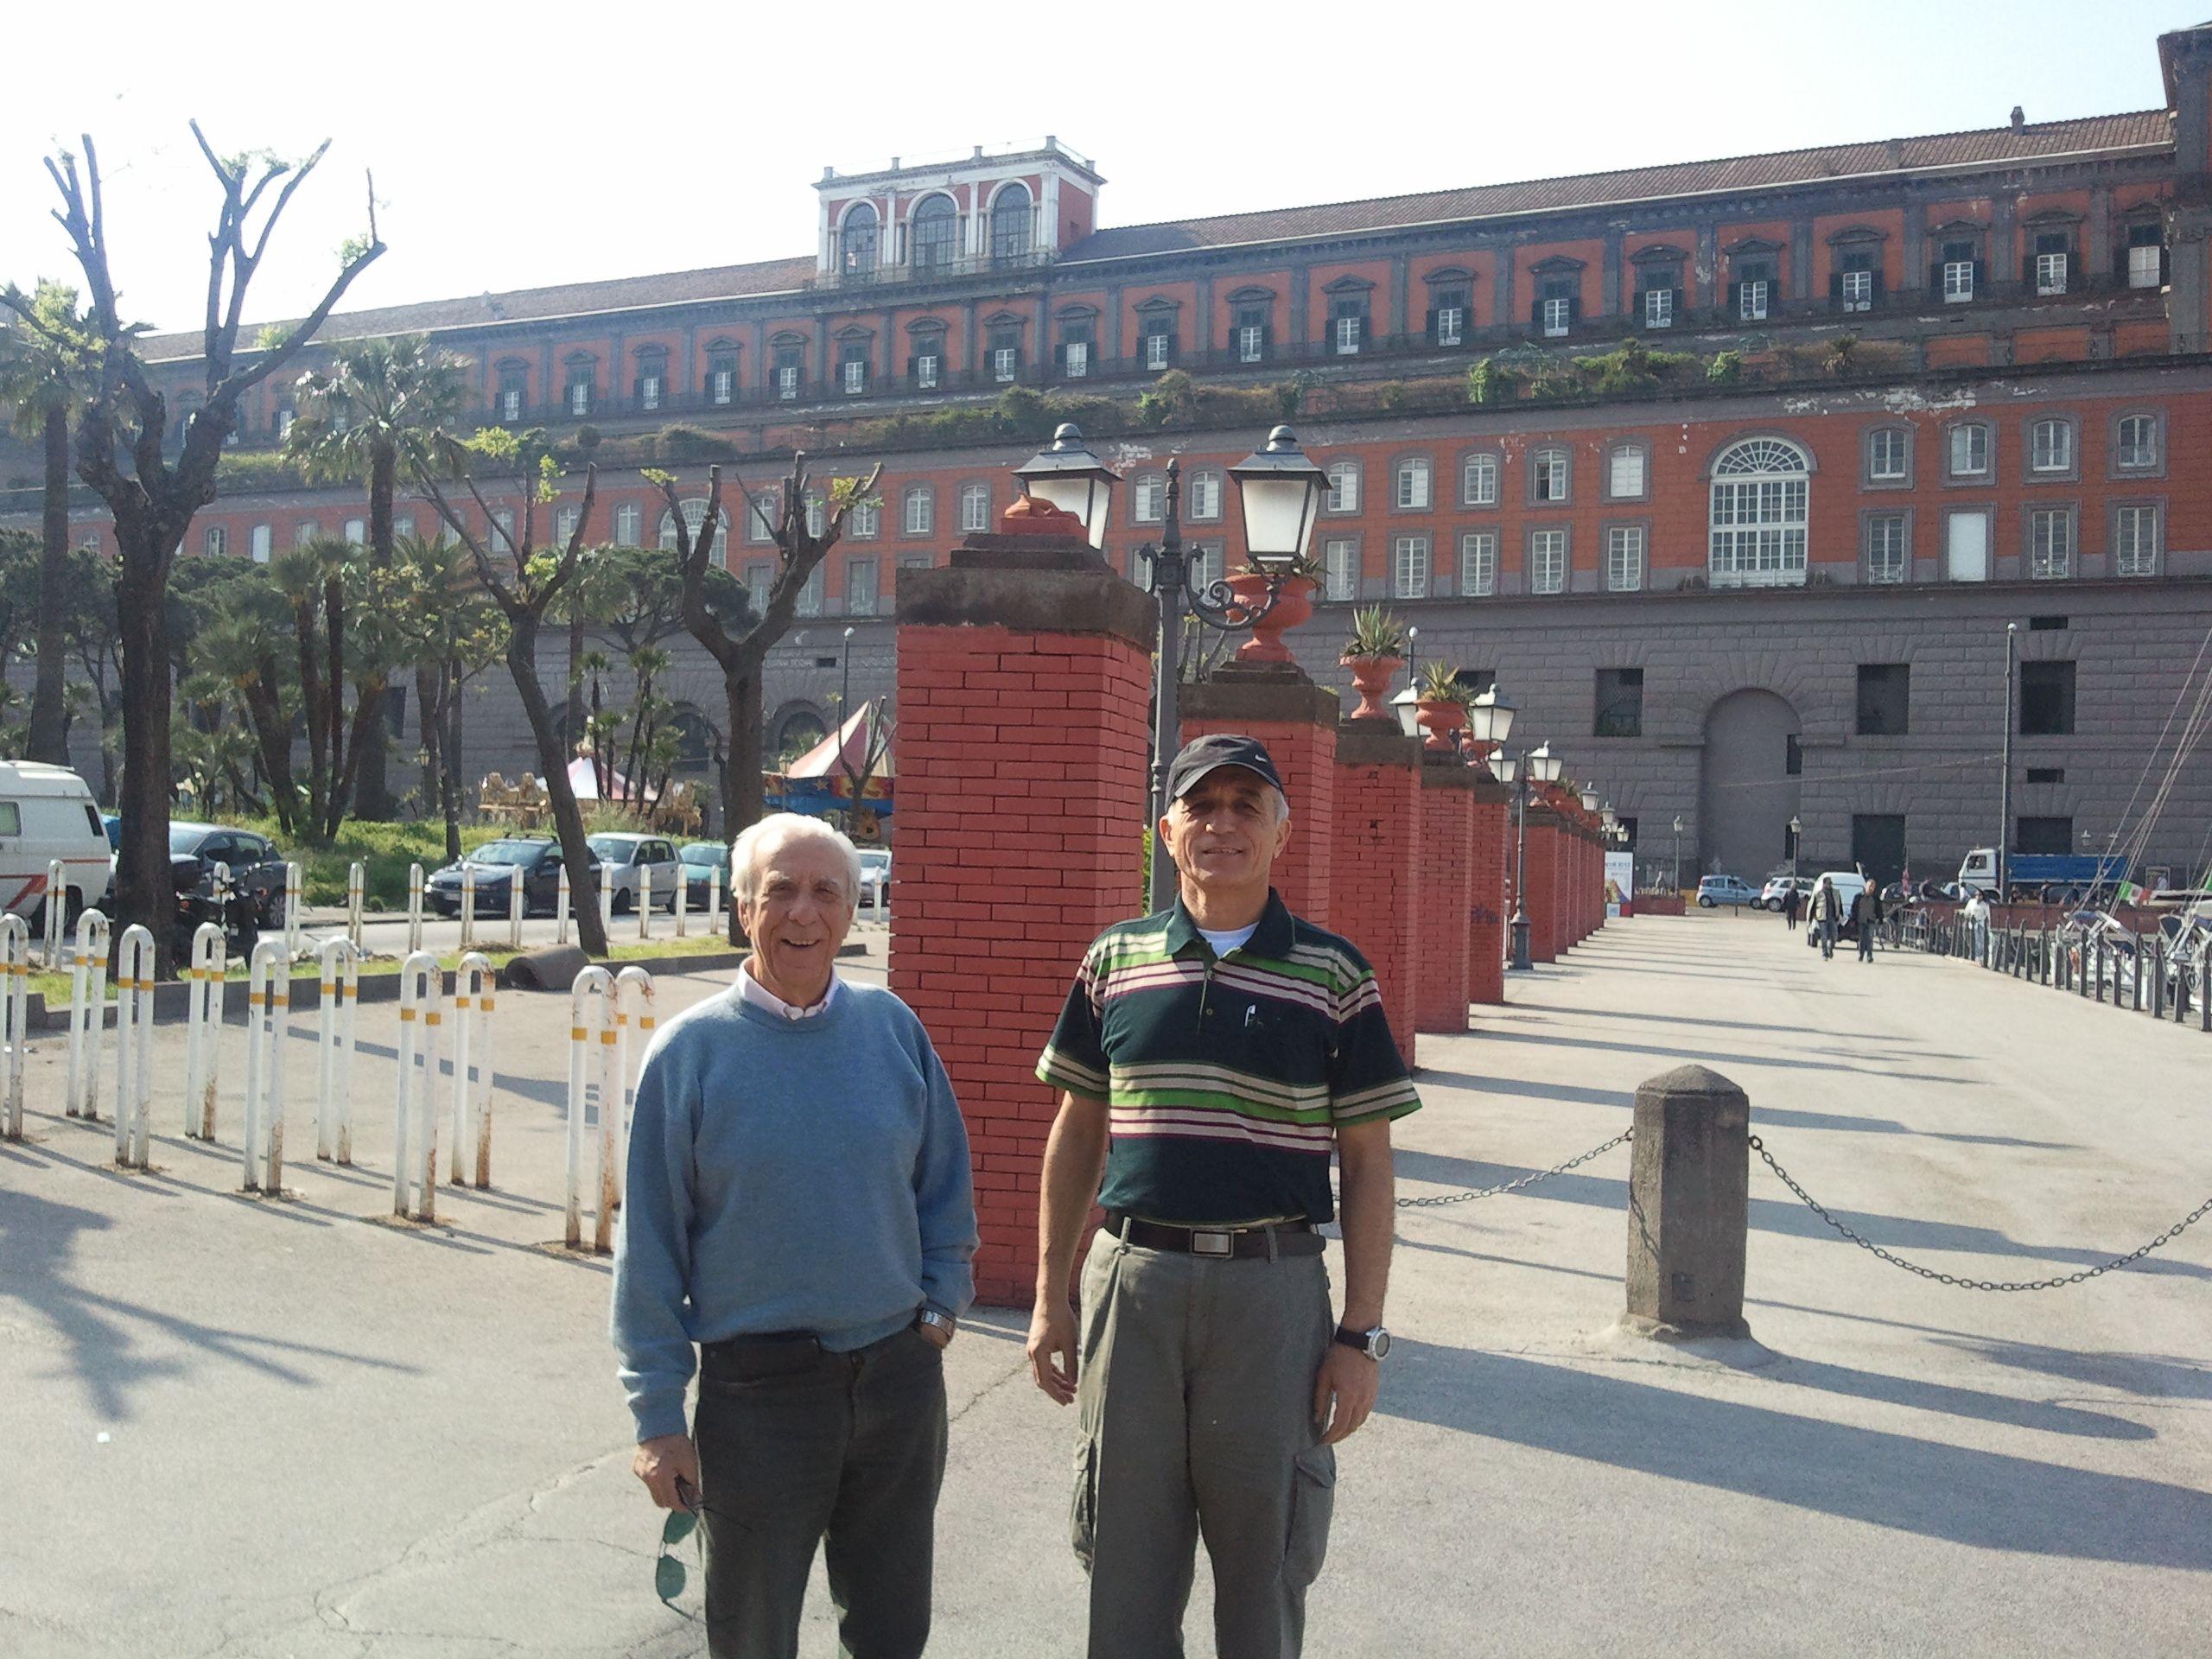 adm. Schettimo ed io a Napoli, 2012